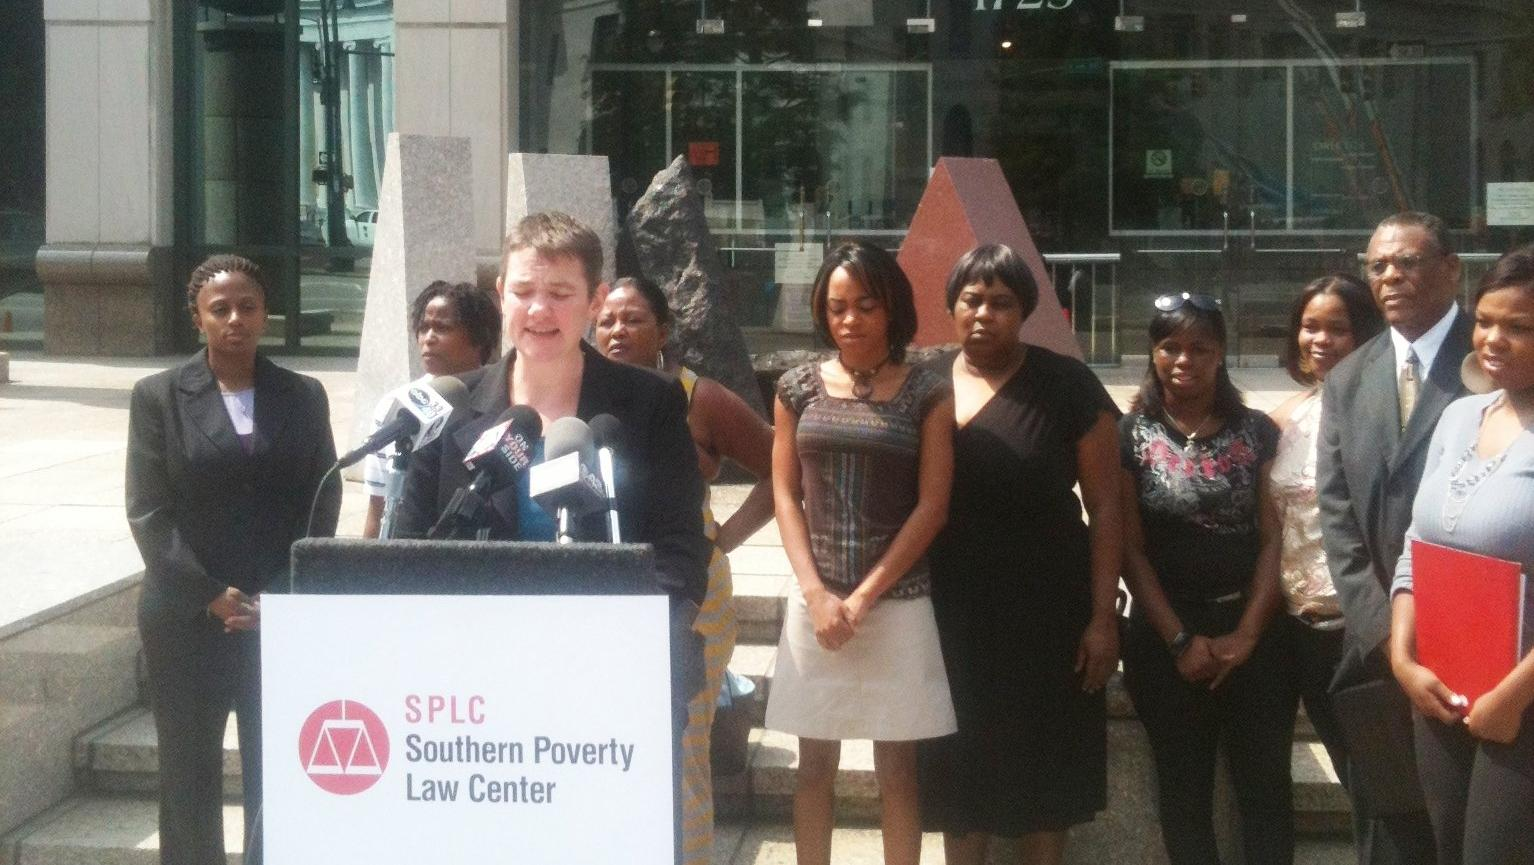 Durante la conferencia de Southern Poverty Law Center (SPLC).